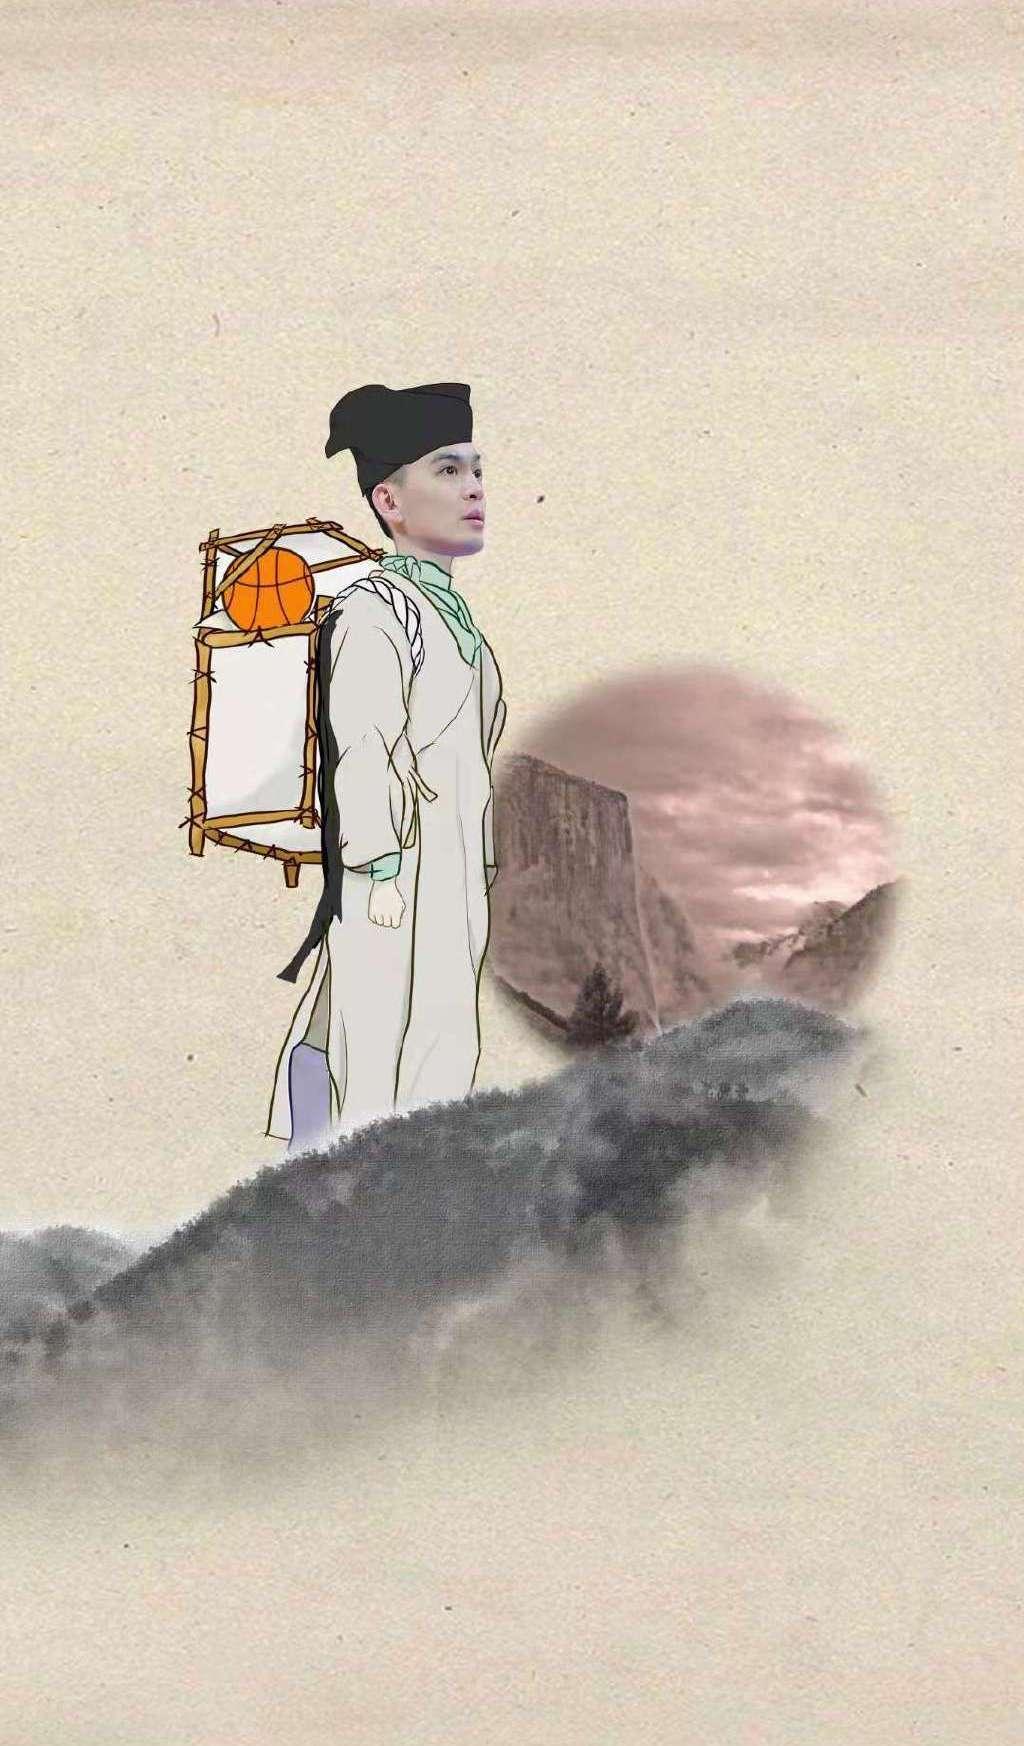 杨鸣:鼻子歪但不影响帅气 愿良知存在每个人心中